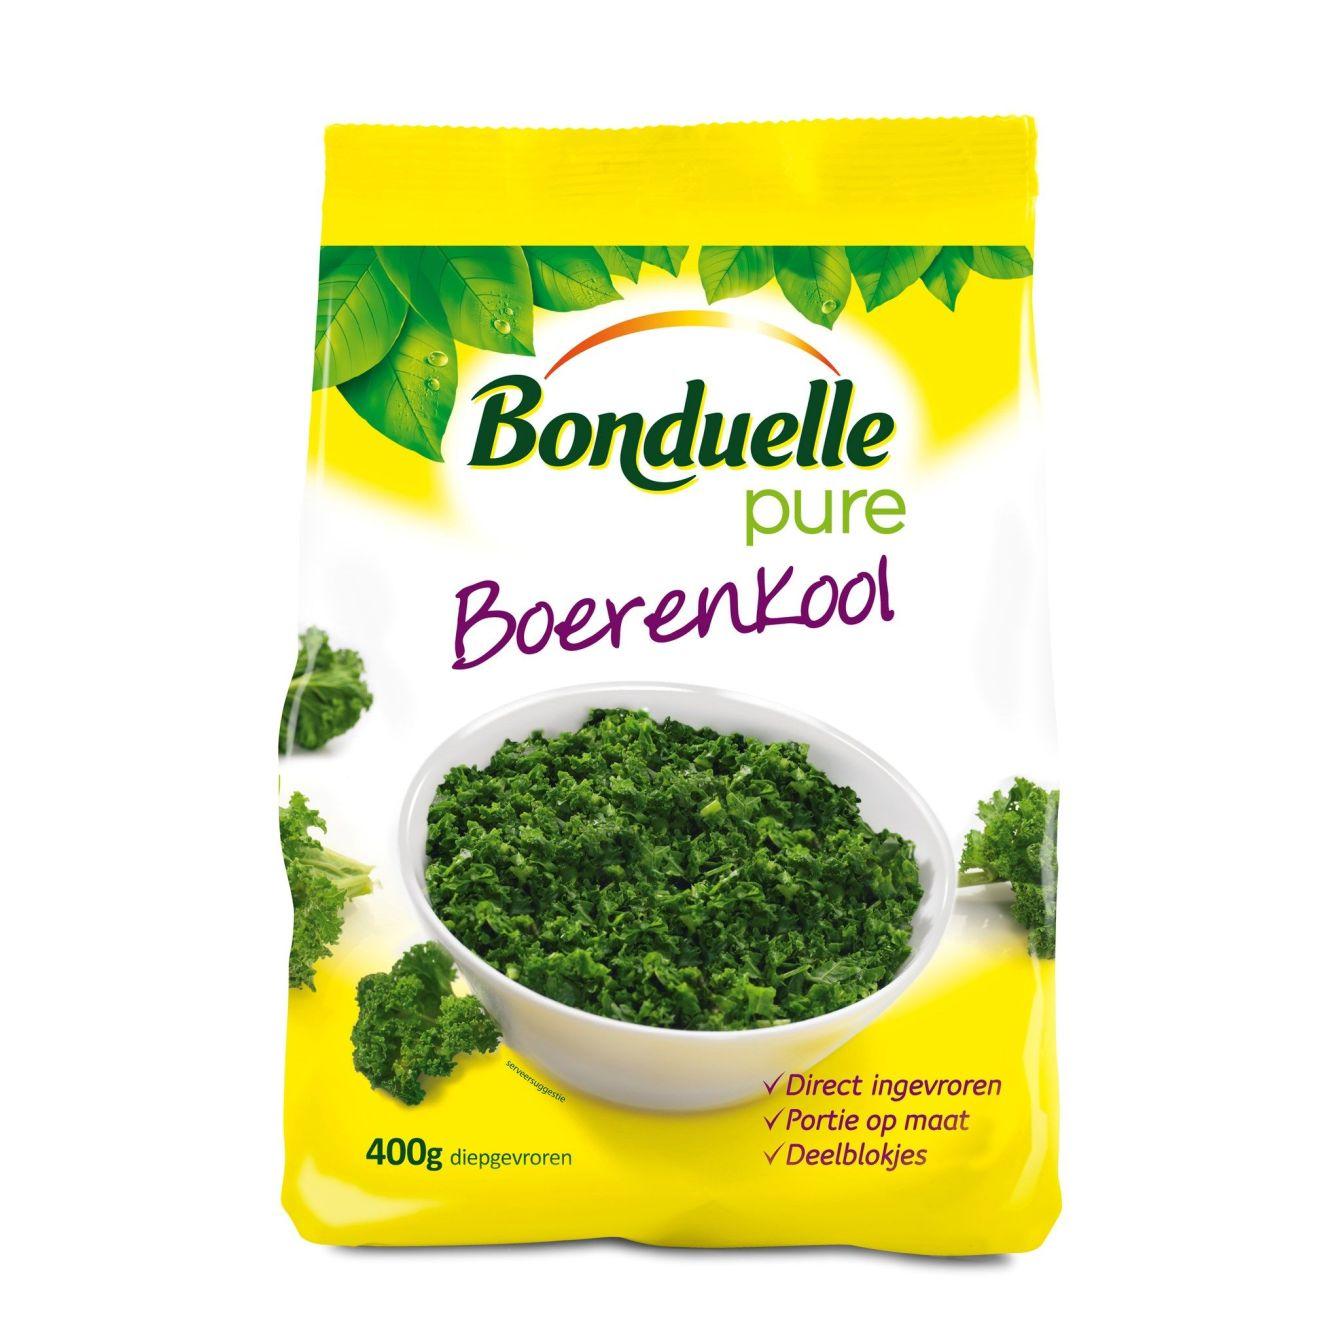 Bonduelle Boerenkool